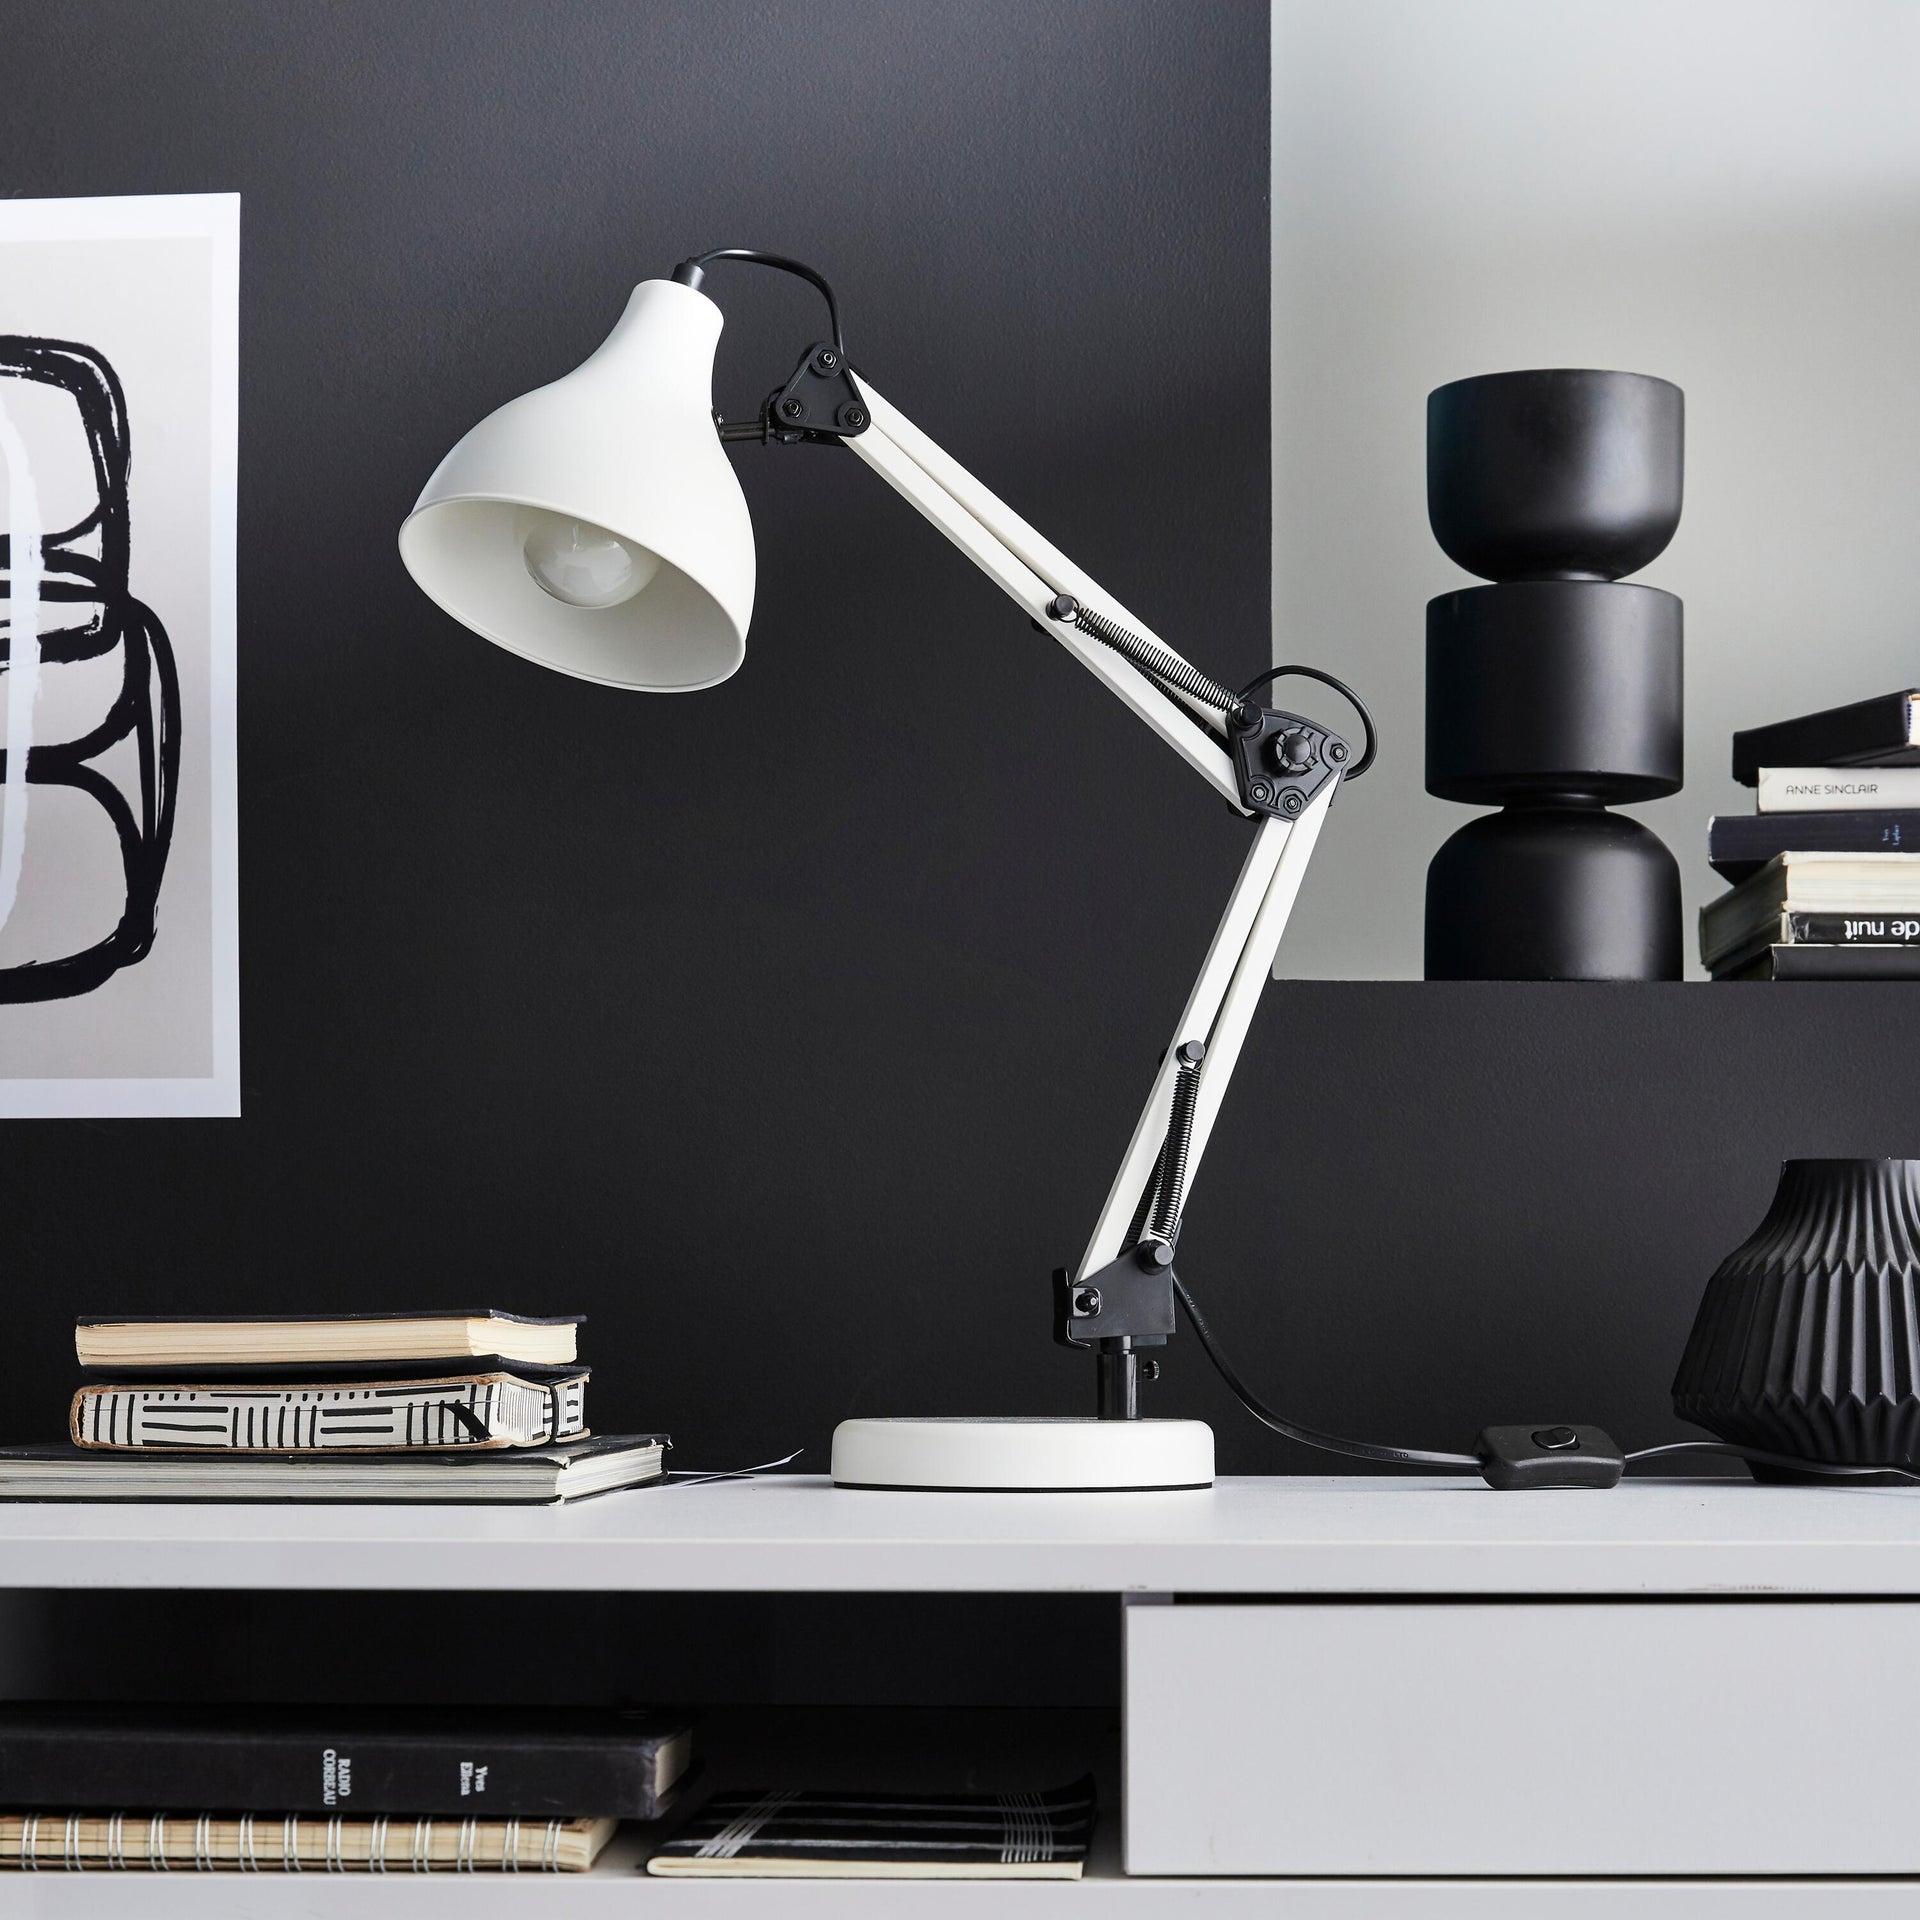 Lampada da scrivania Industriale Ennis bianco , in metallo, INSPIRE - 1